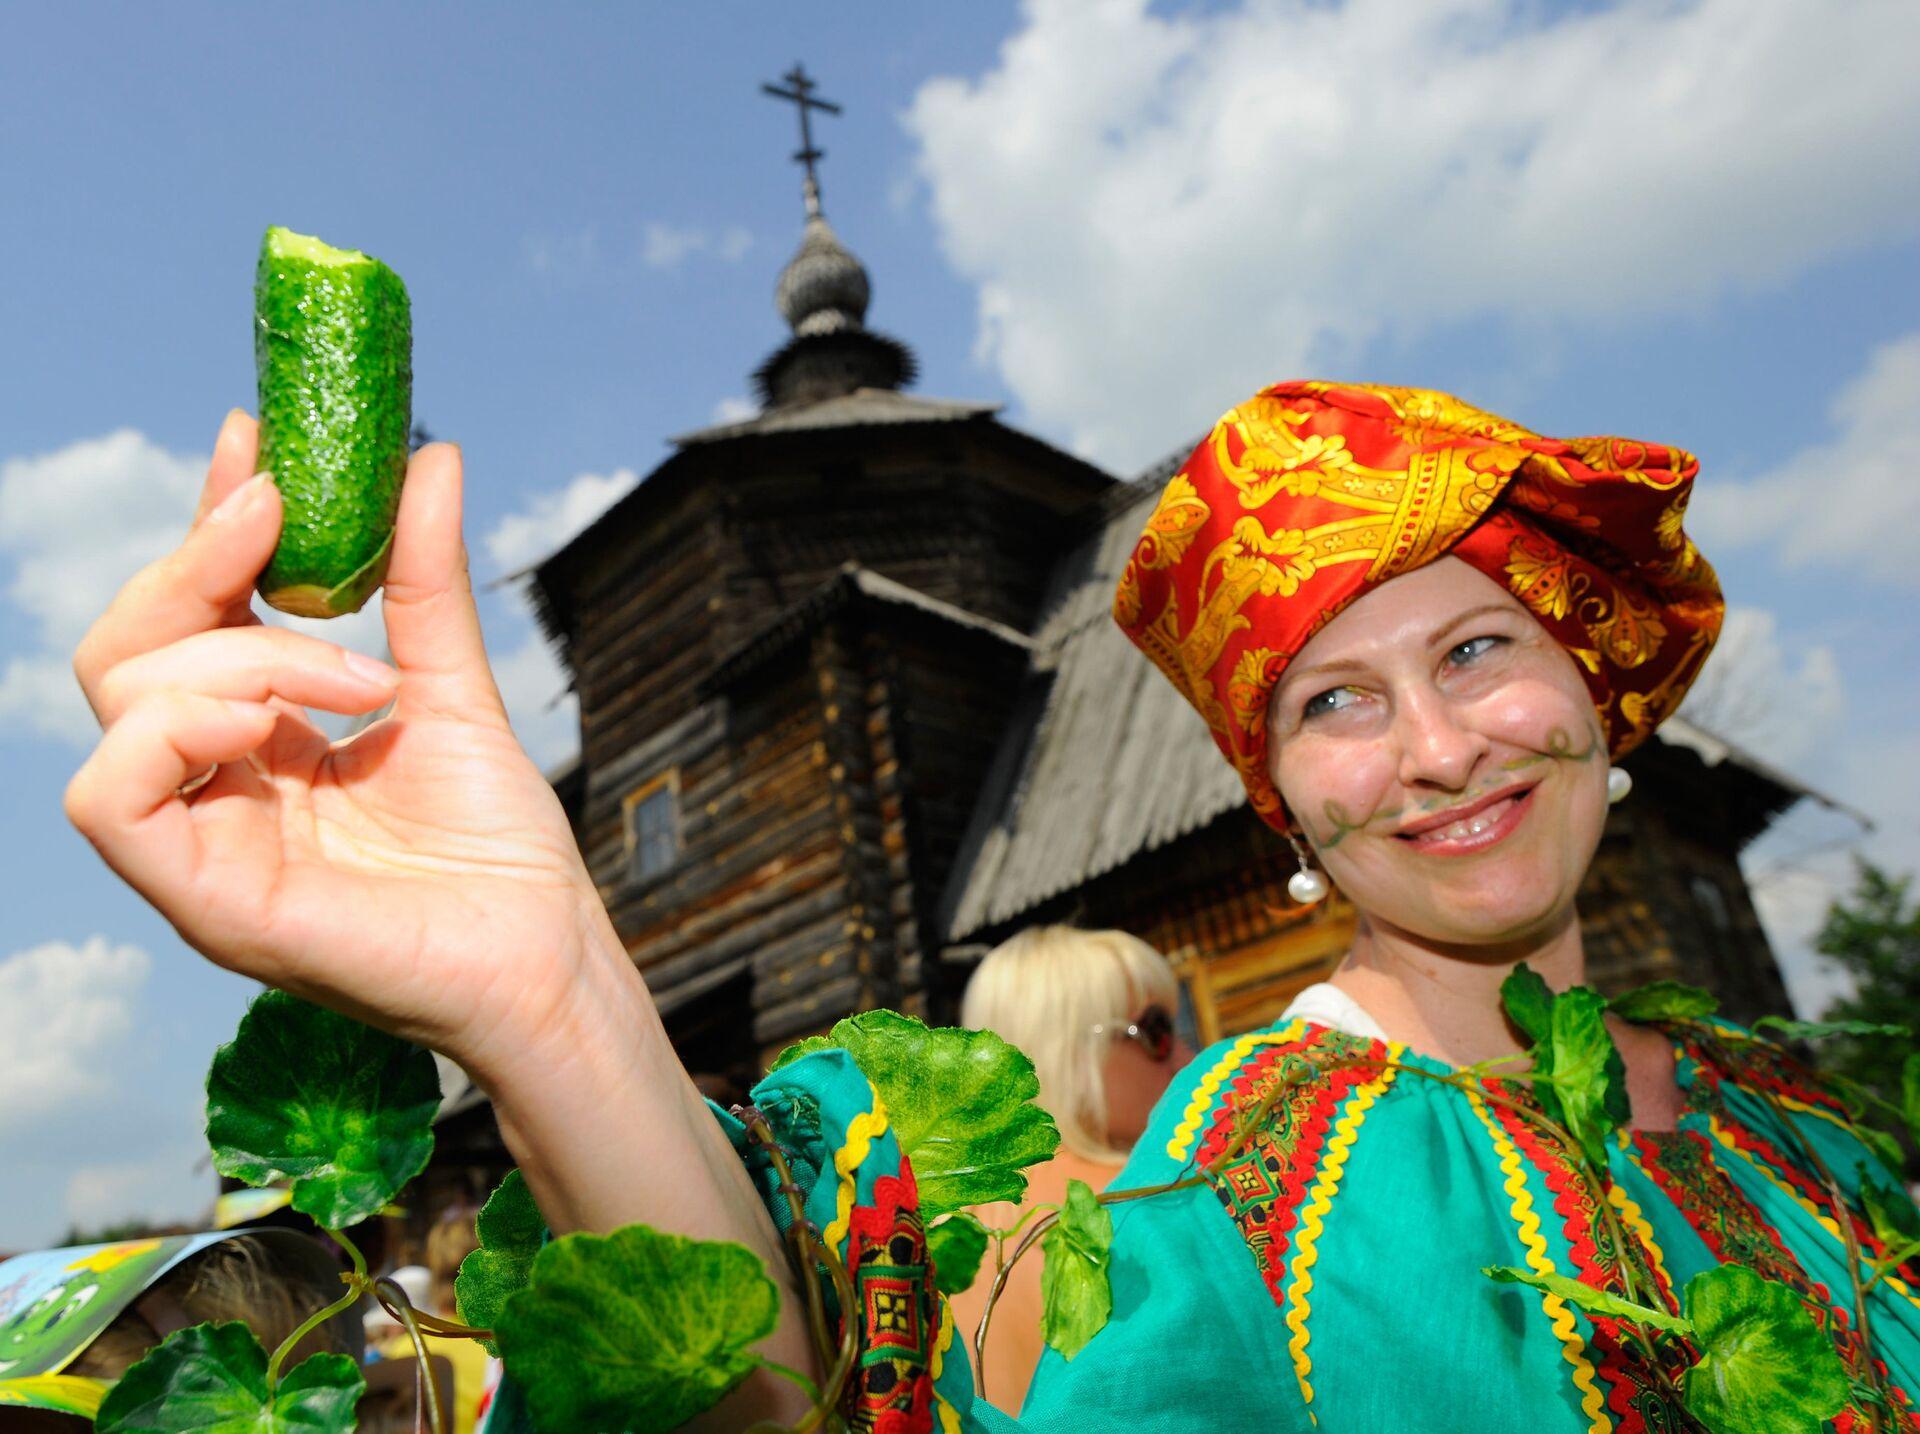 Участница ежегодного традиционного Праздника Огурца в Суздале - РИА Новости, 1920, 08.07.2021